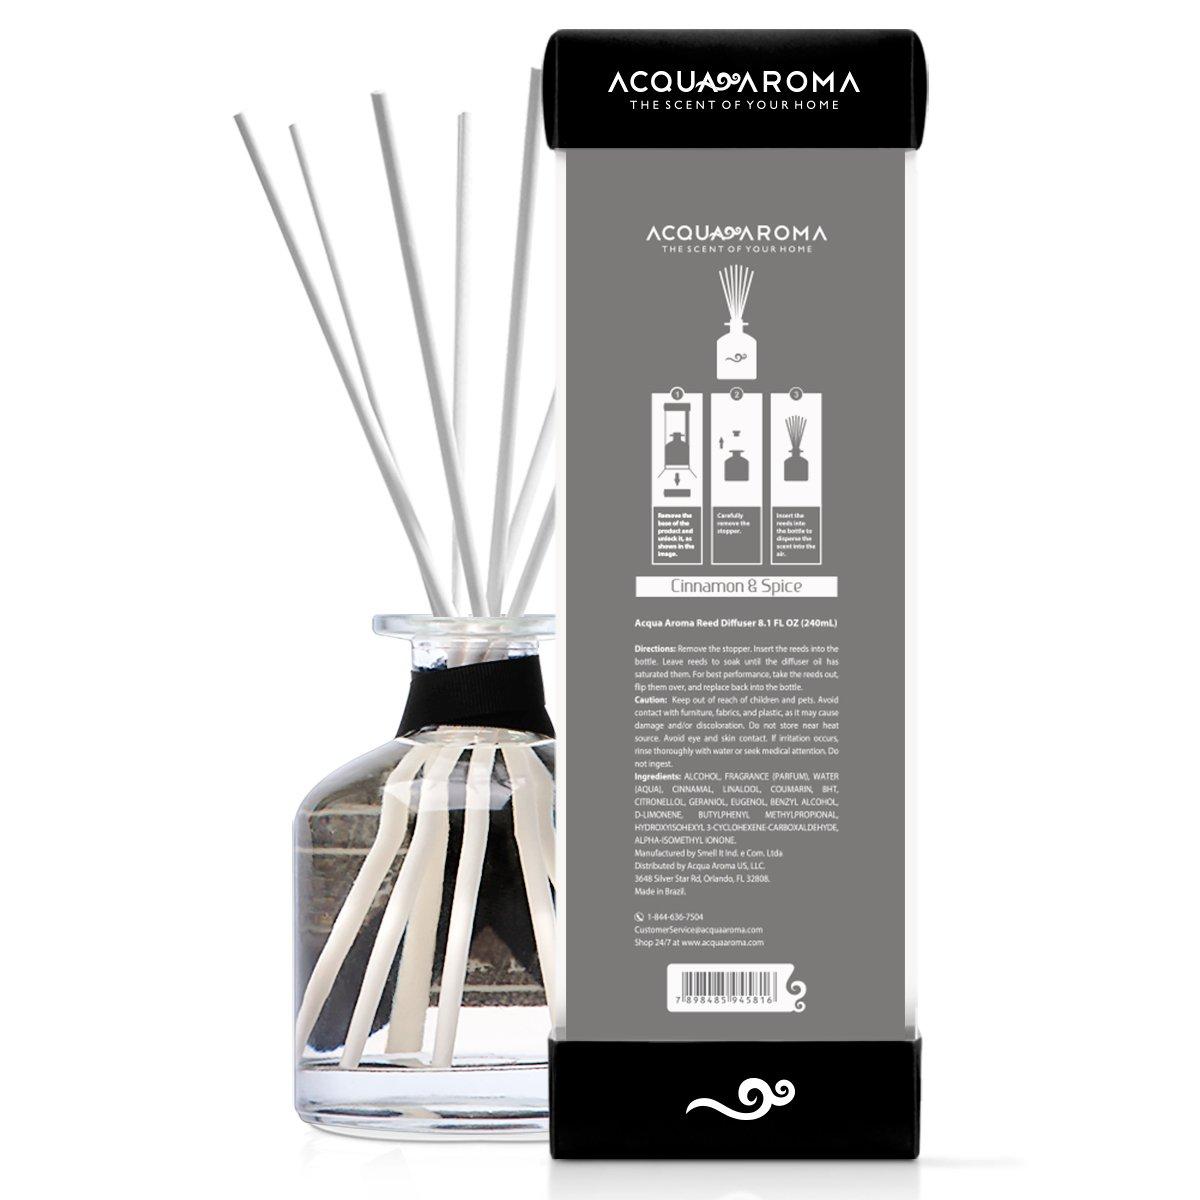 Acqua Aroma Everyday Collection Cinnamon & Spice Reed Diffuser 8.1 FL OZ (240ml) by Acqua Aroma (Image #3)